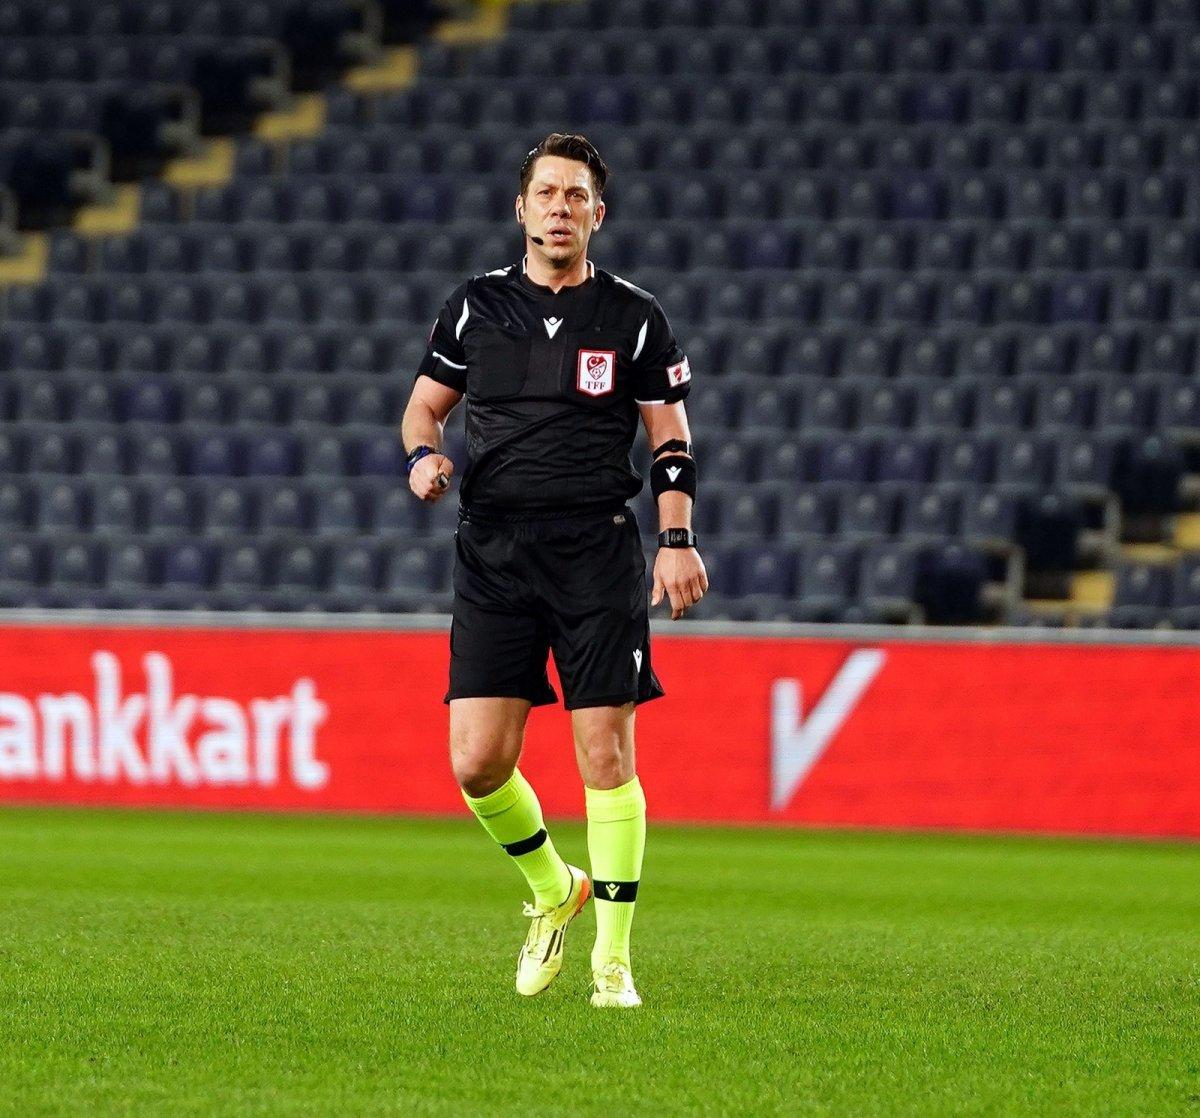 Süper Lig 2021-22: Sivasspor-Konyaspor maçı ne zaman, saat kaçta? #2